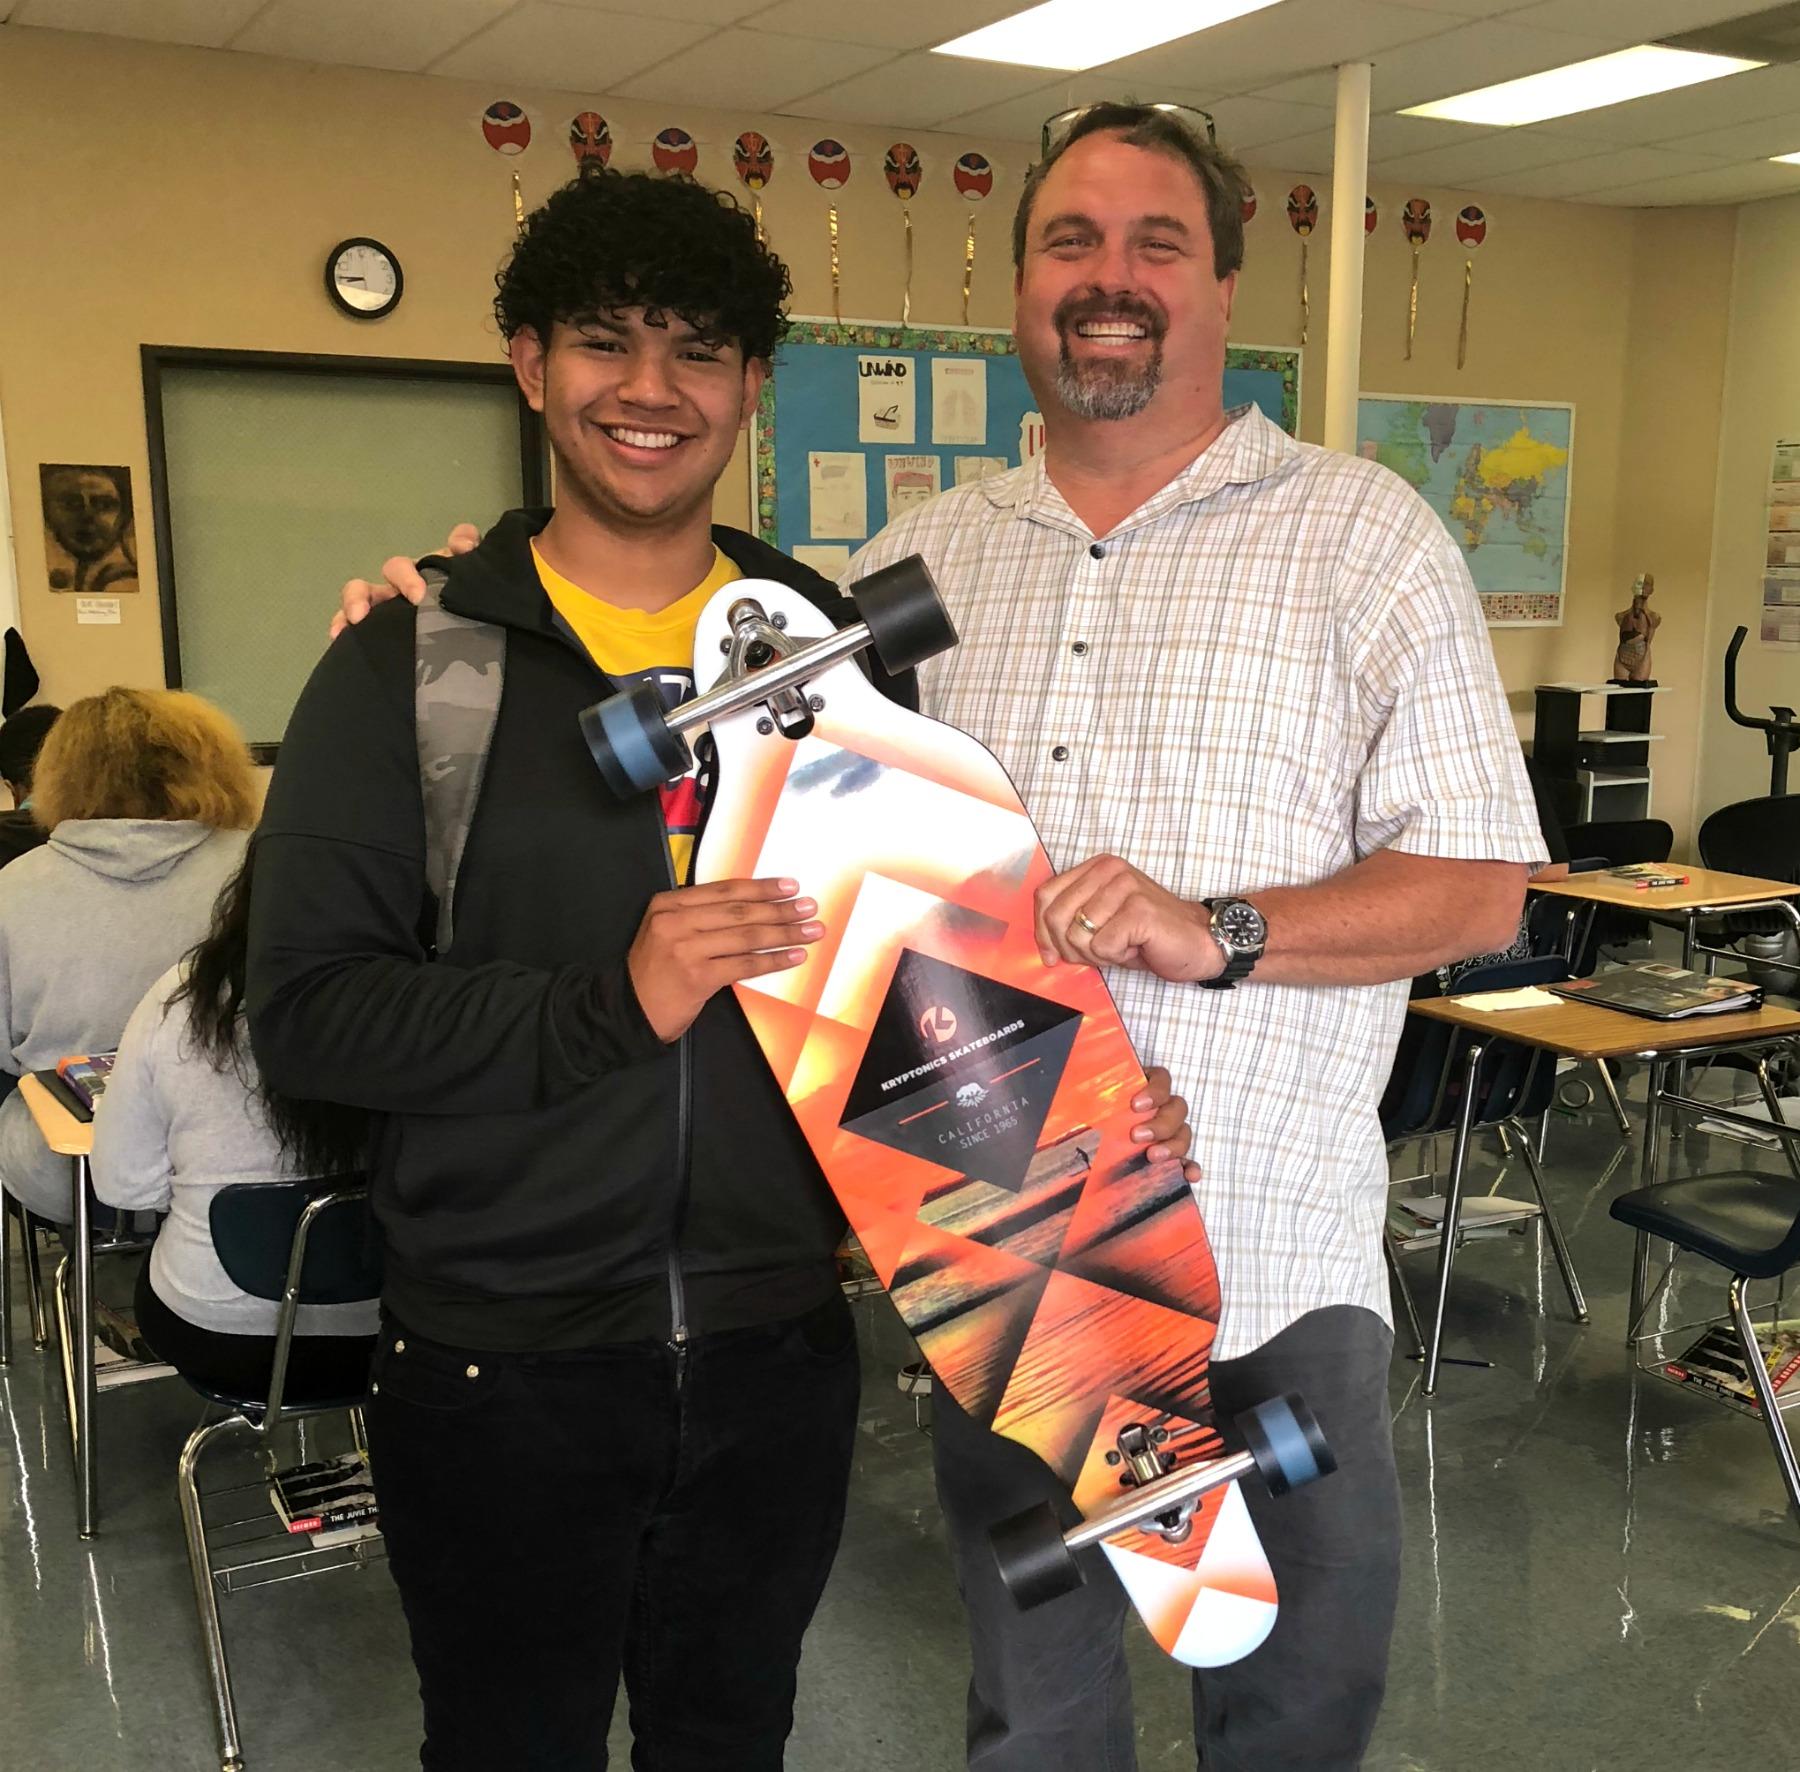 OCDE students earn skateboards for hitting attendance goals